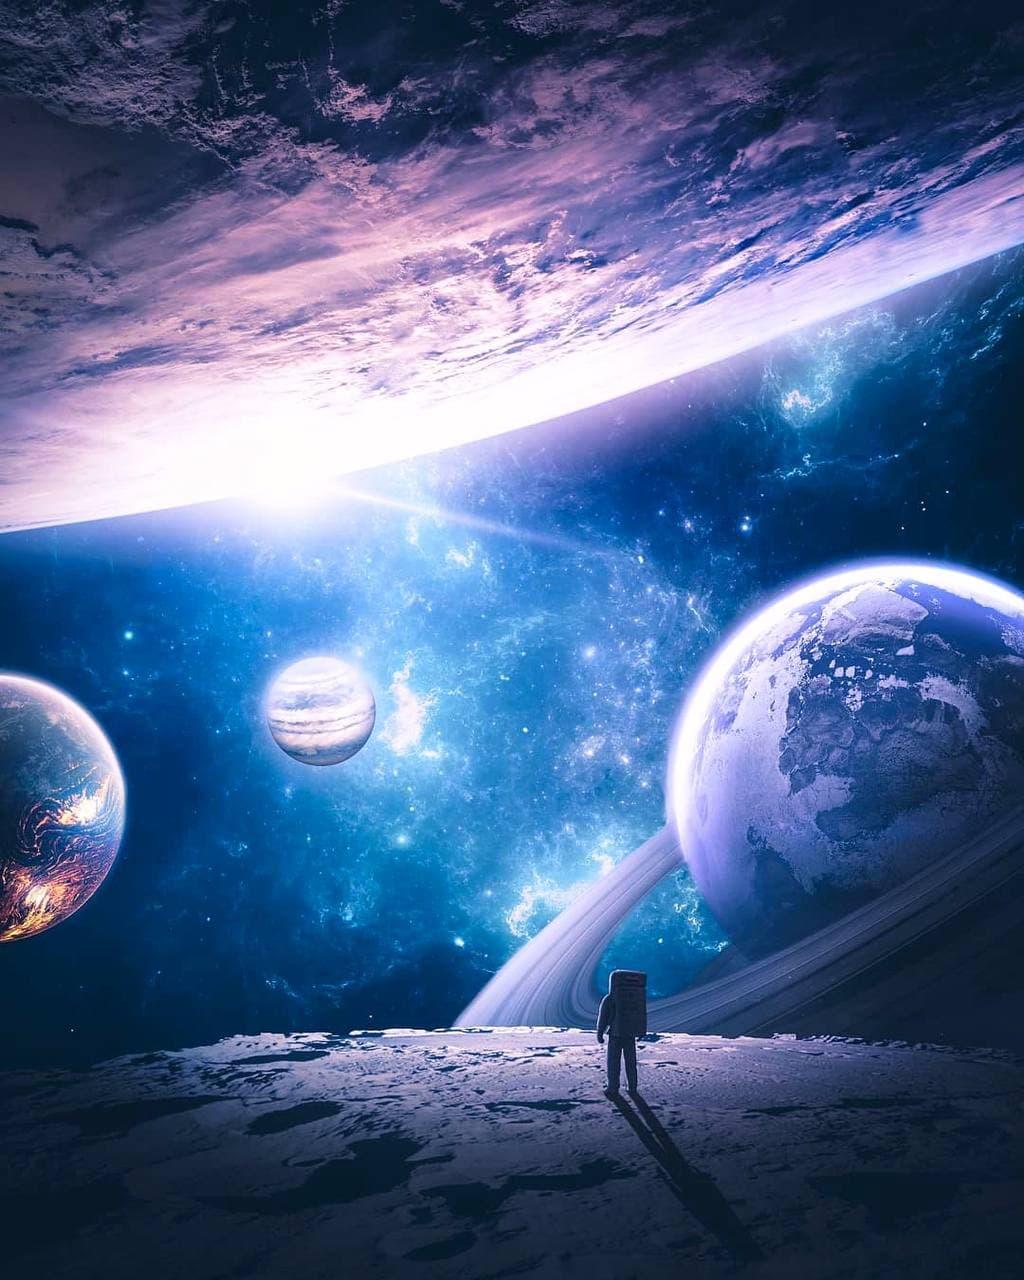 Компания Blue Origin заявила о готовности запуска ракеты с космическим туристом на борту.